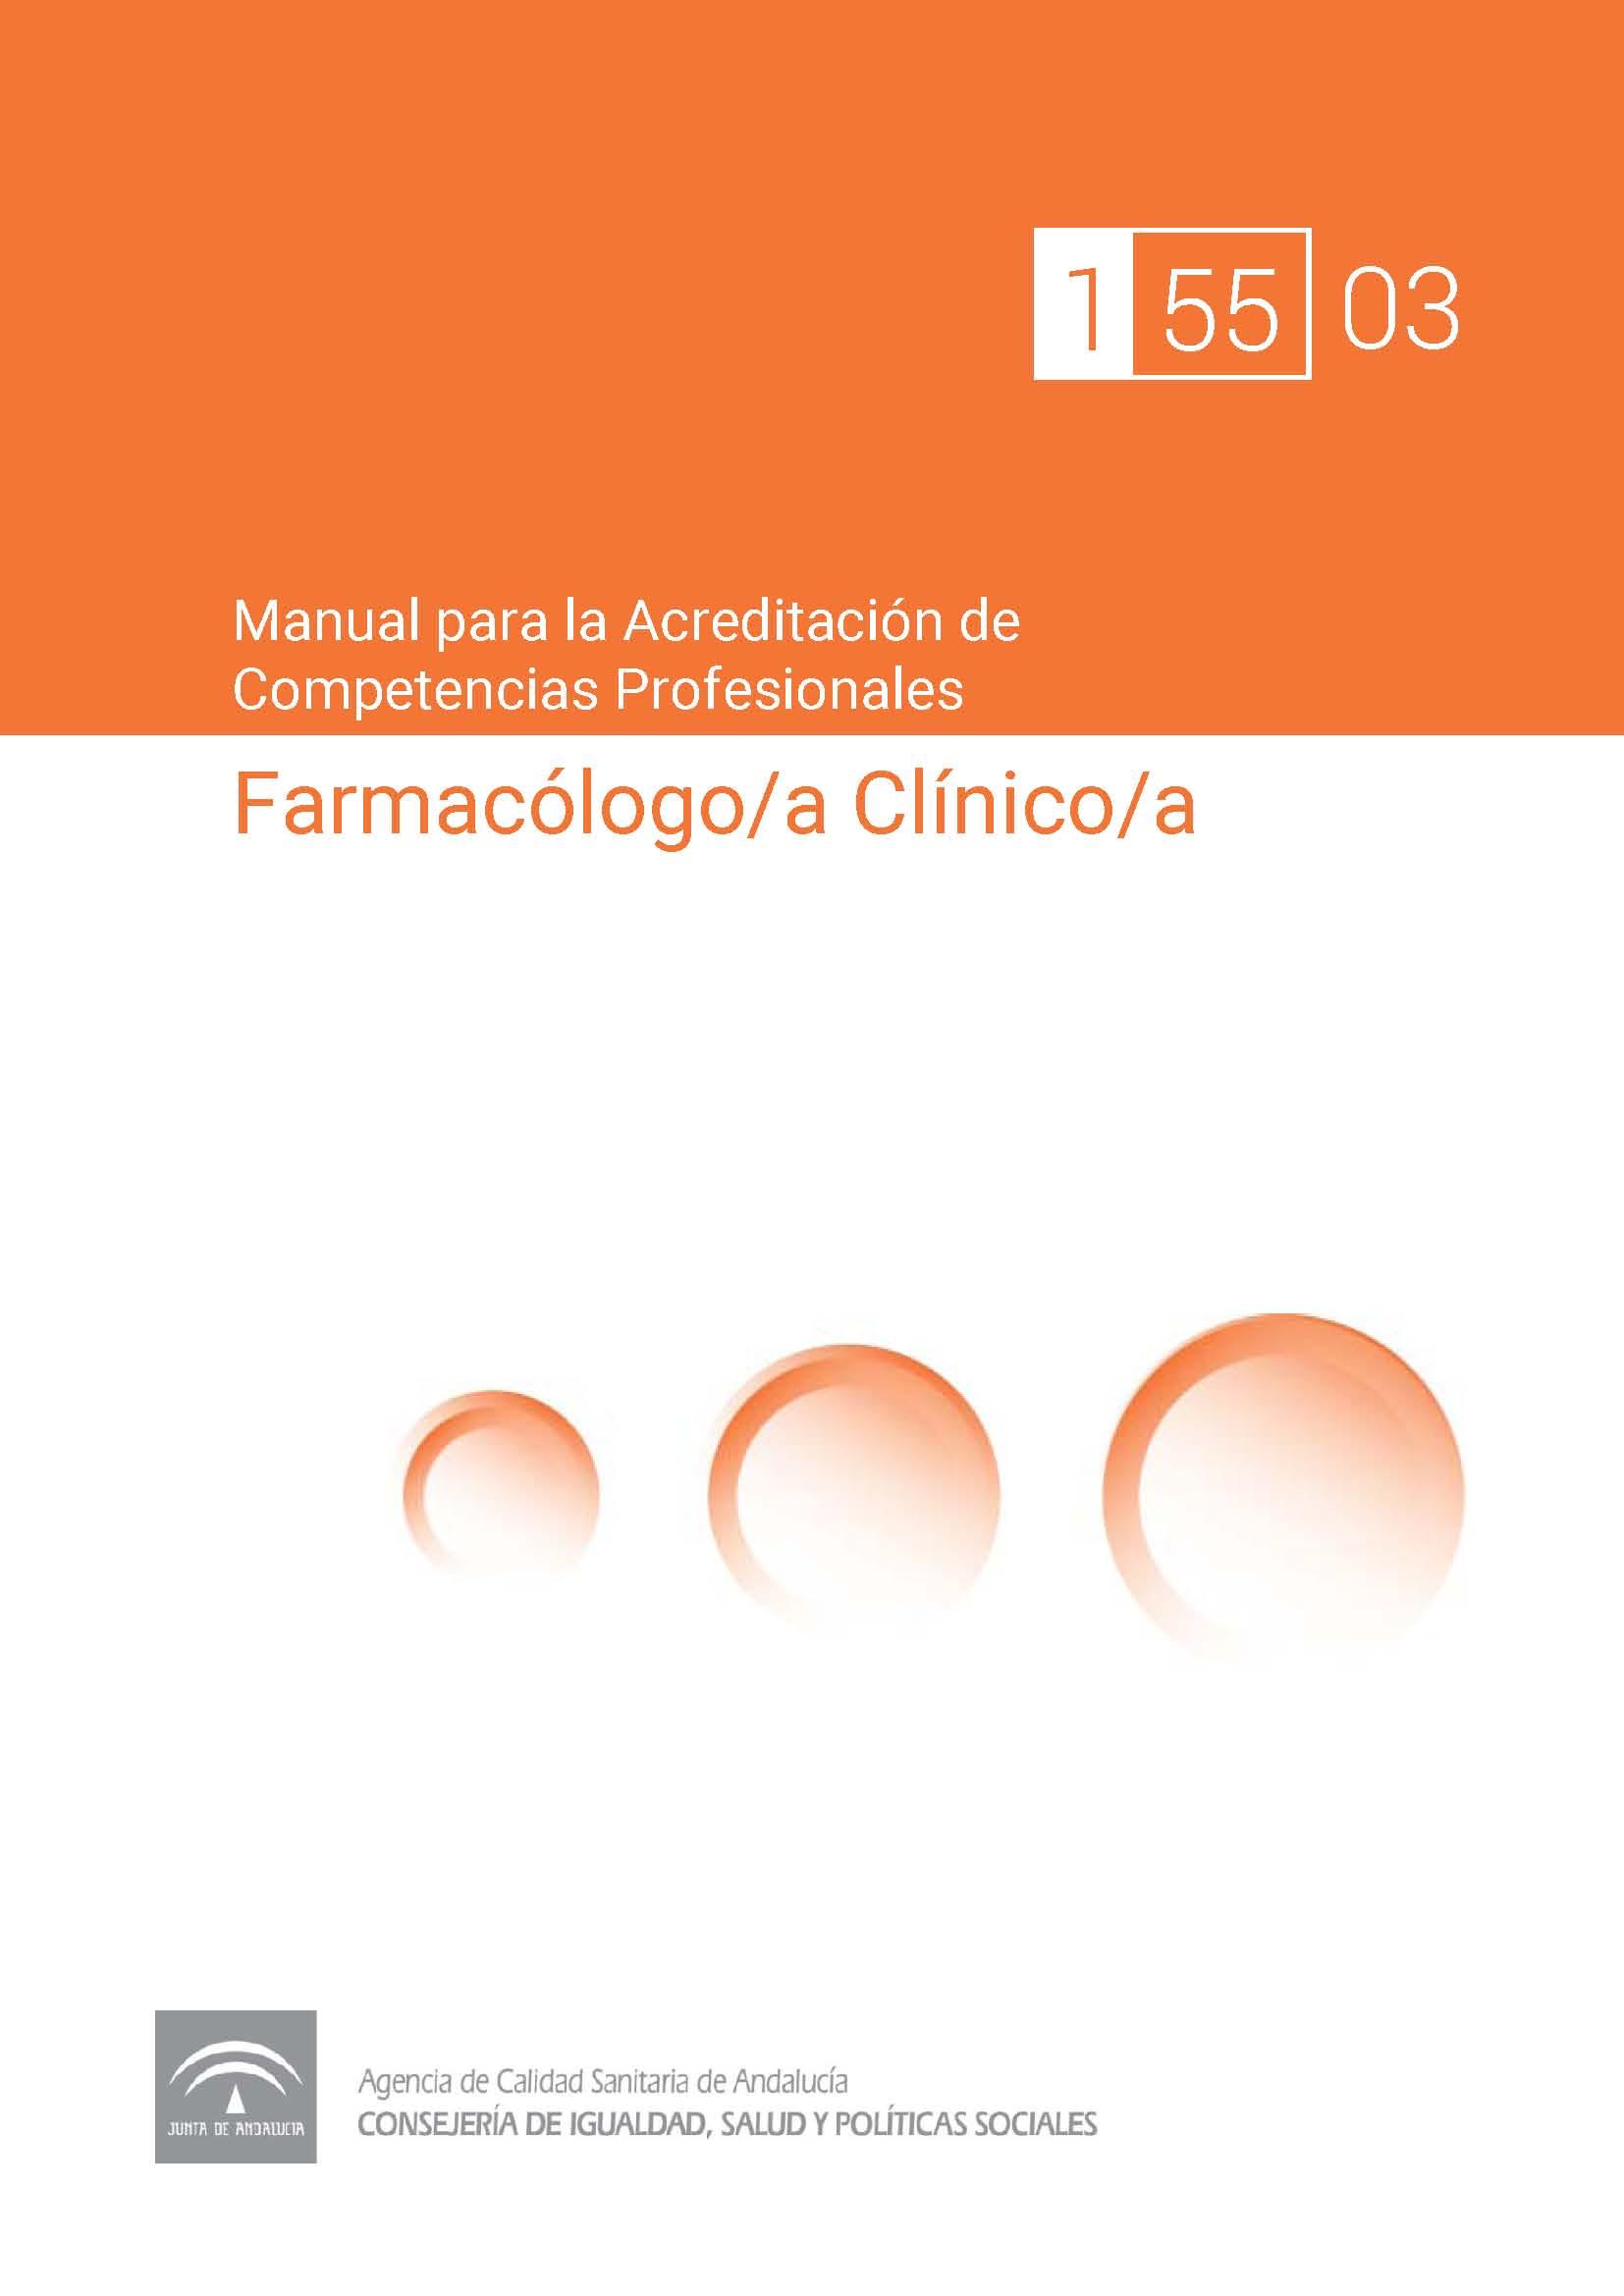 Manual de competencias profesionales del/de la Farmacólogo/a Clínico/a